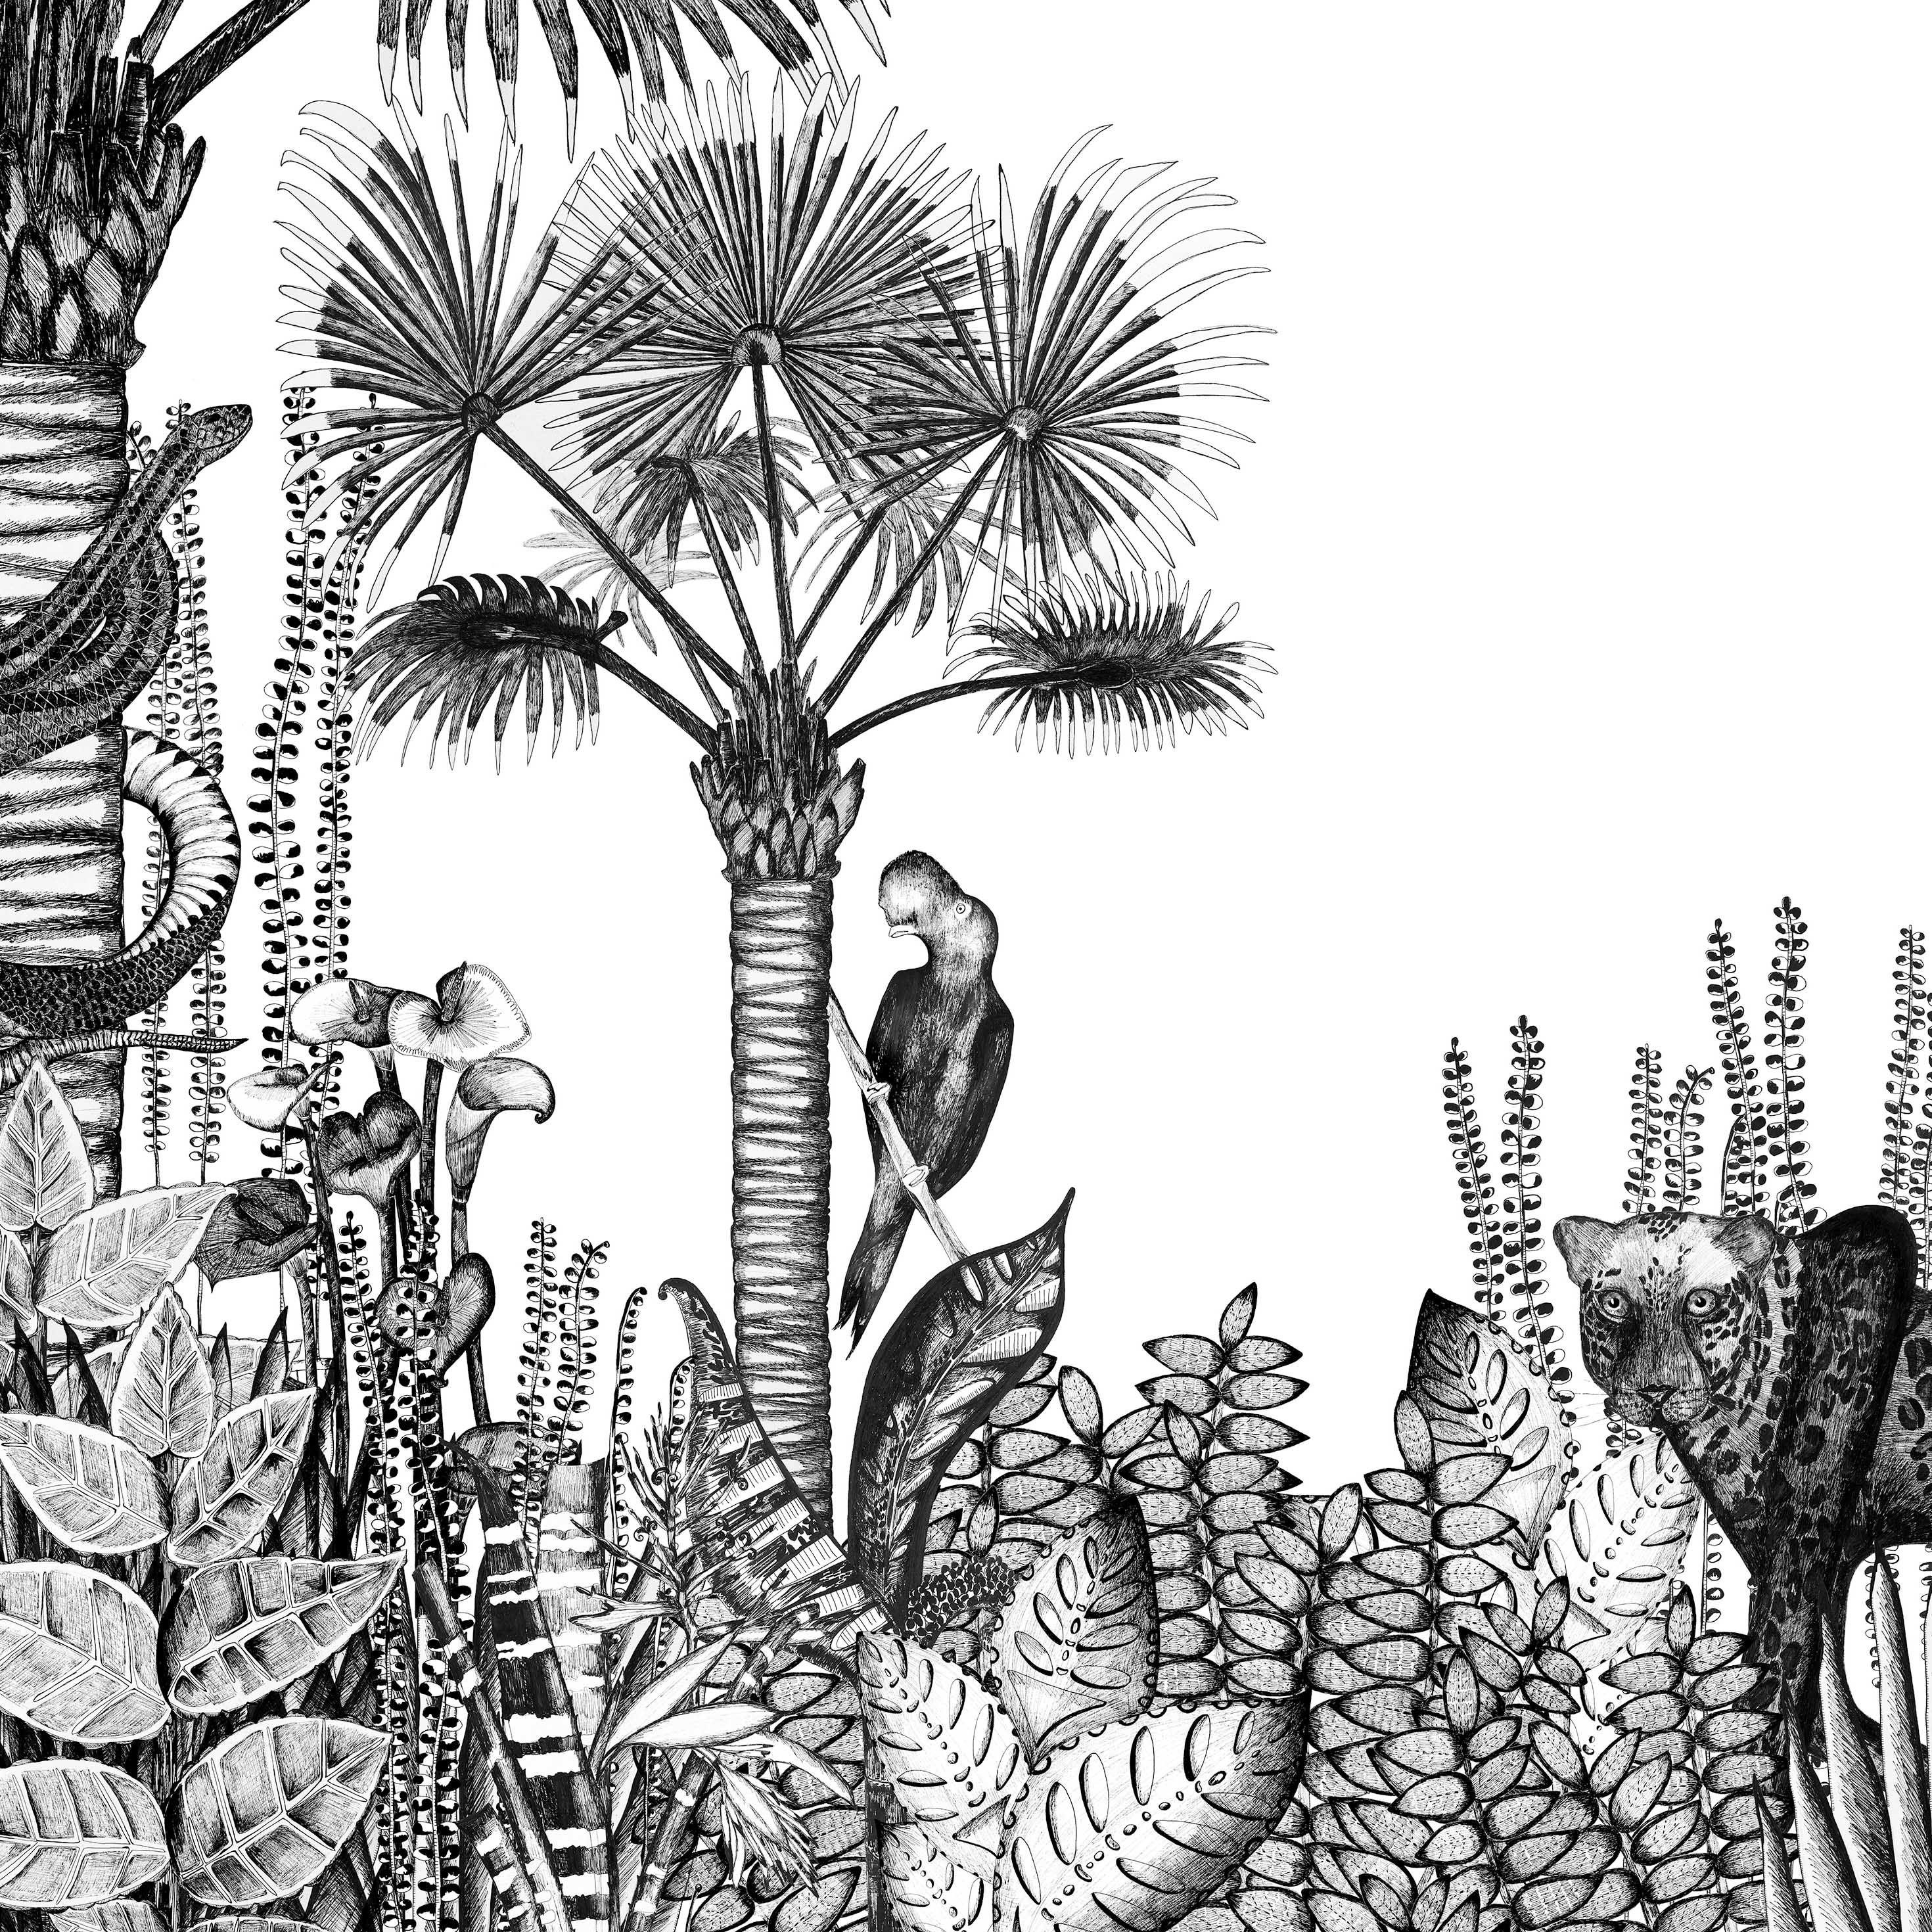 Déco - Stickers, papiers peints & posters - Papier peint panoramique The Wild / L 360 x H 280 cm (6 lés de L 60 cm) - Bien Fait - Blanc / Noir - Papier intissé